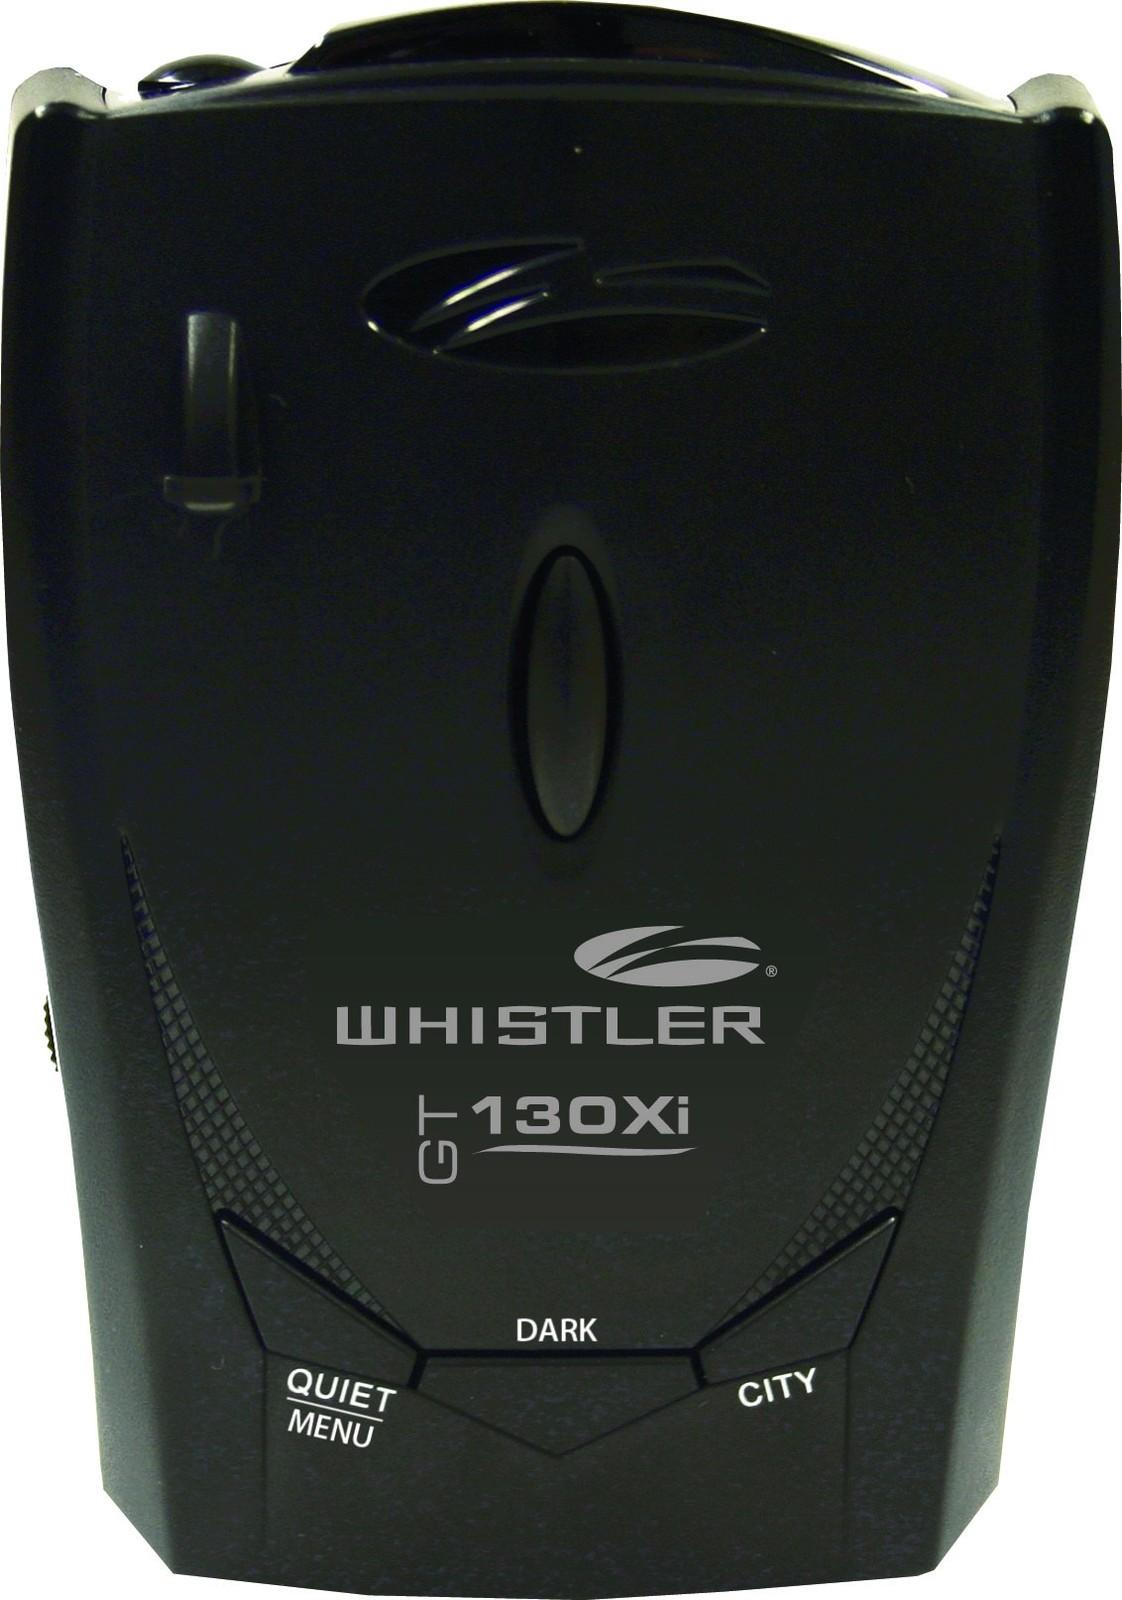 Whistler gt 130xi инструкция скачать